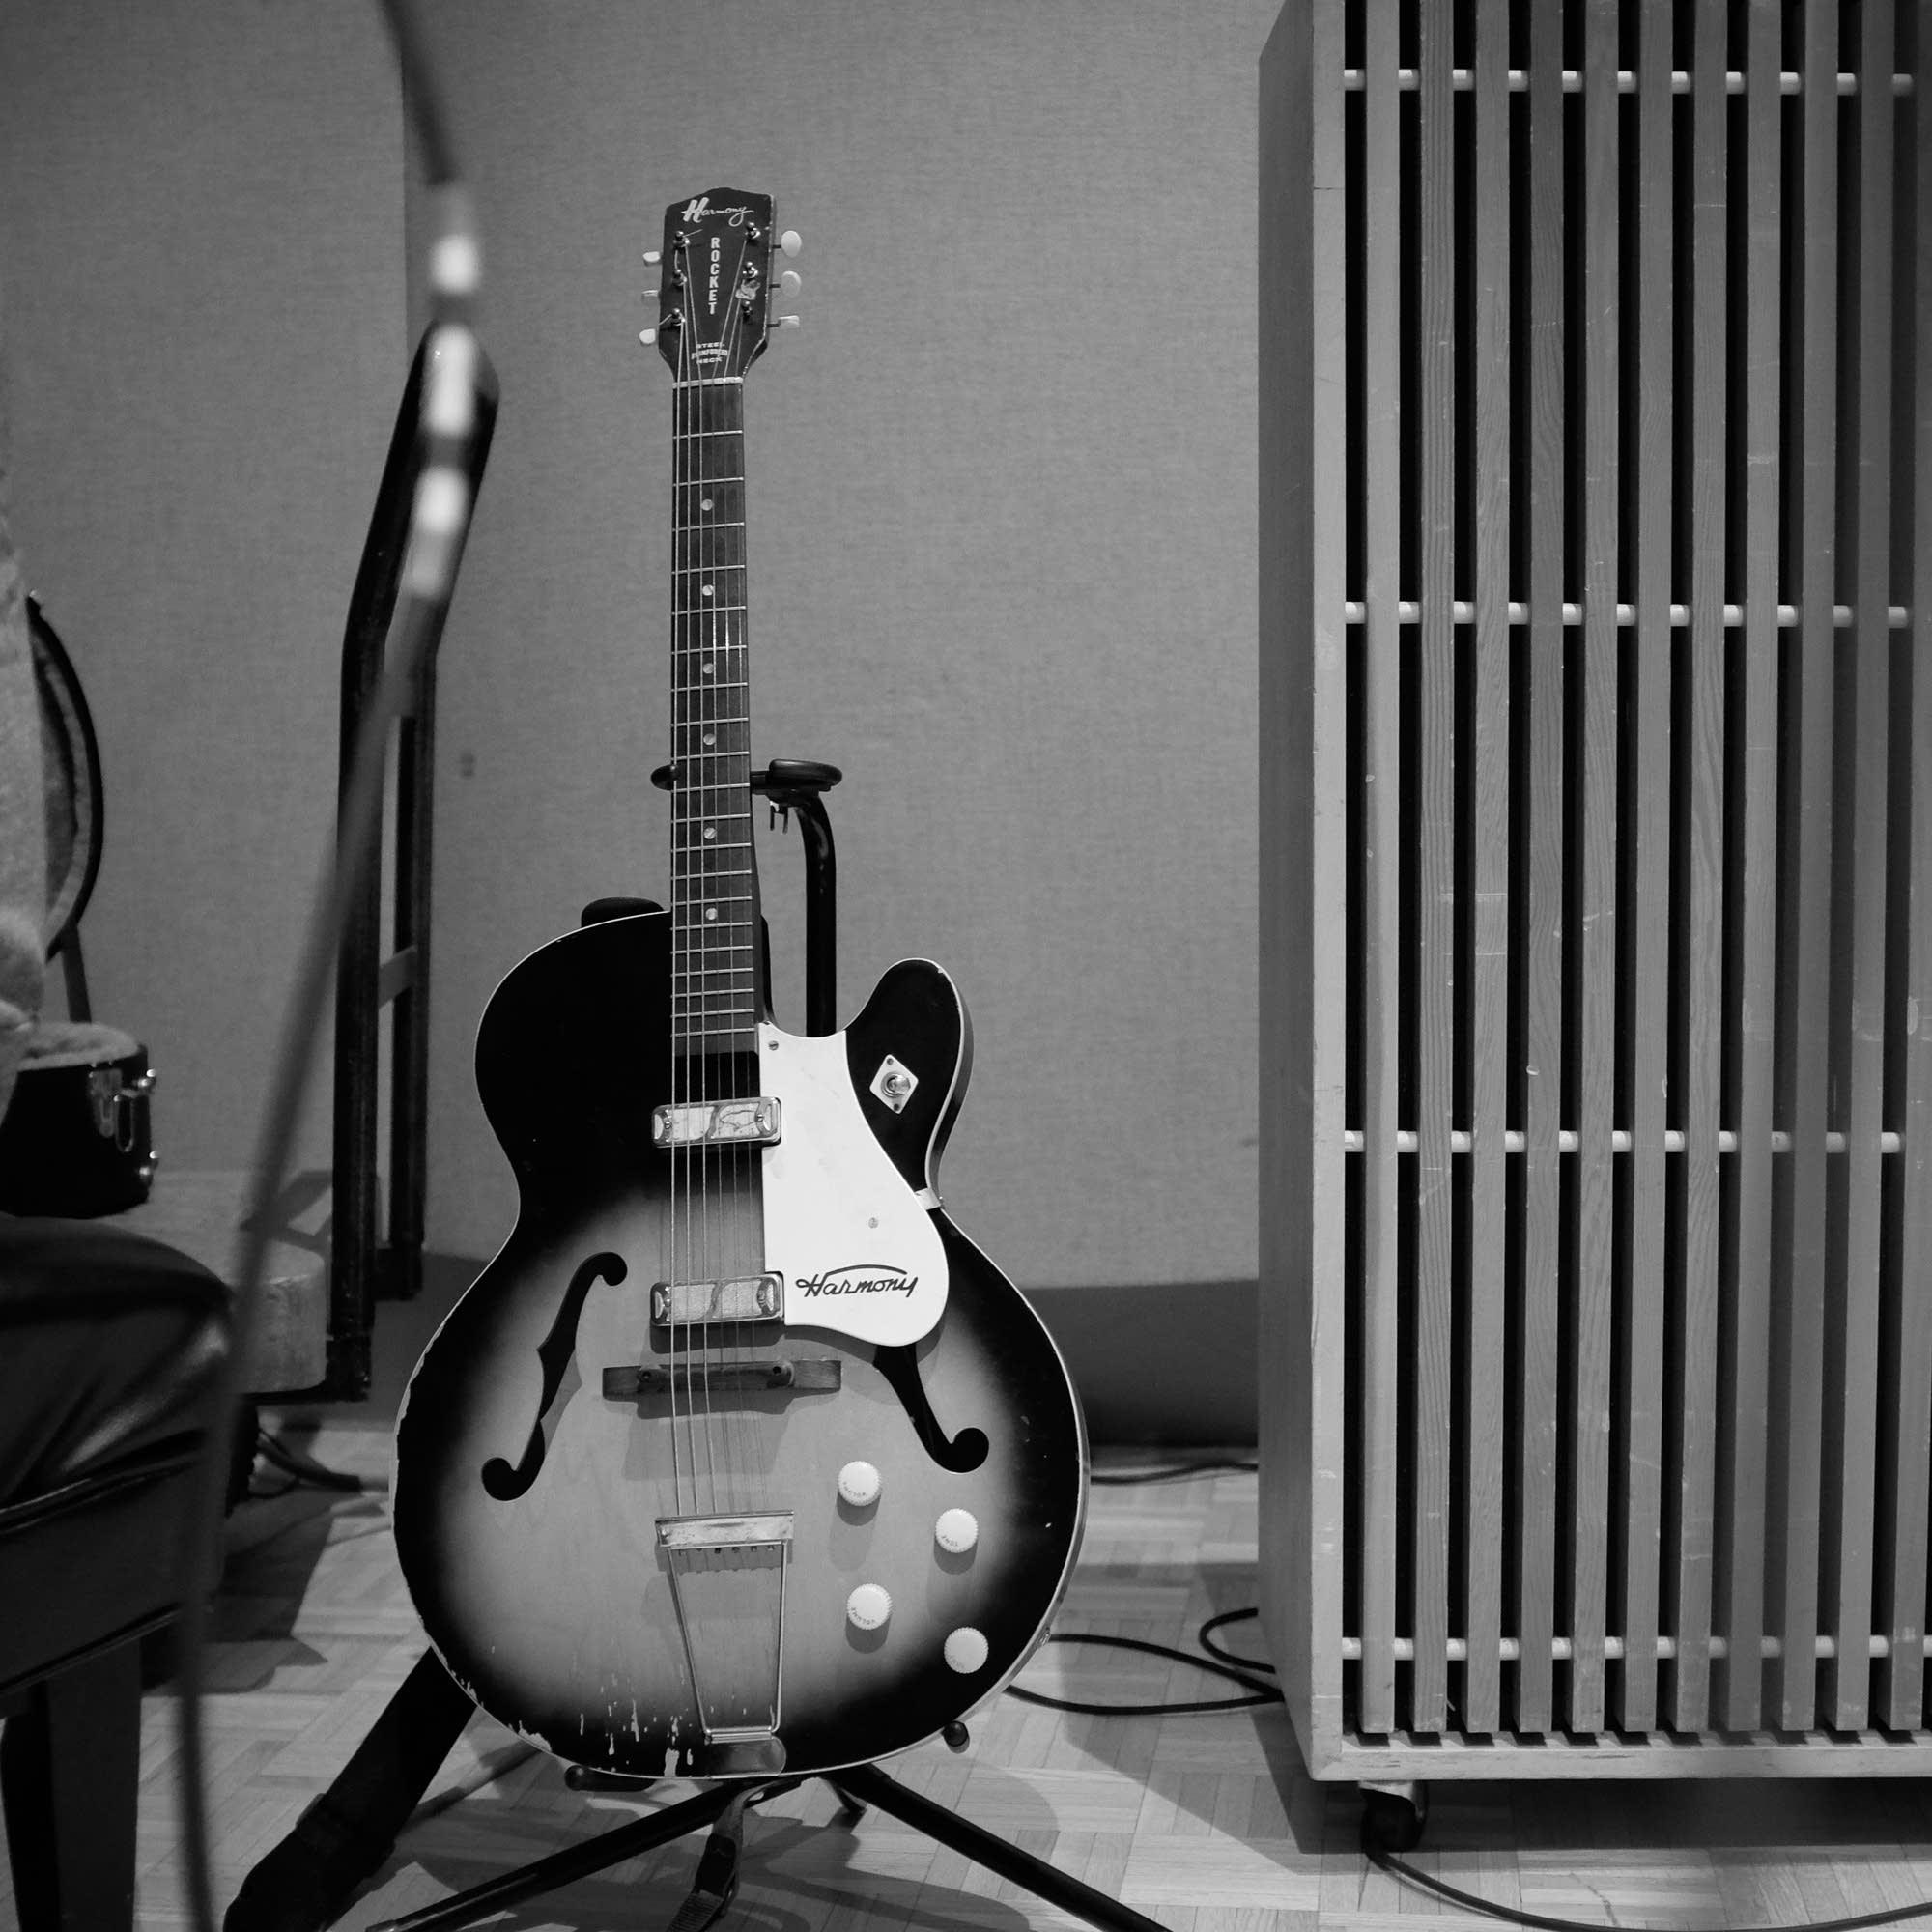 J Roddy Walston's guitar